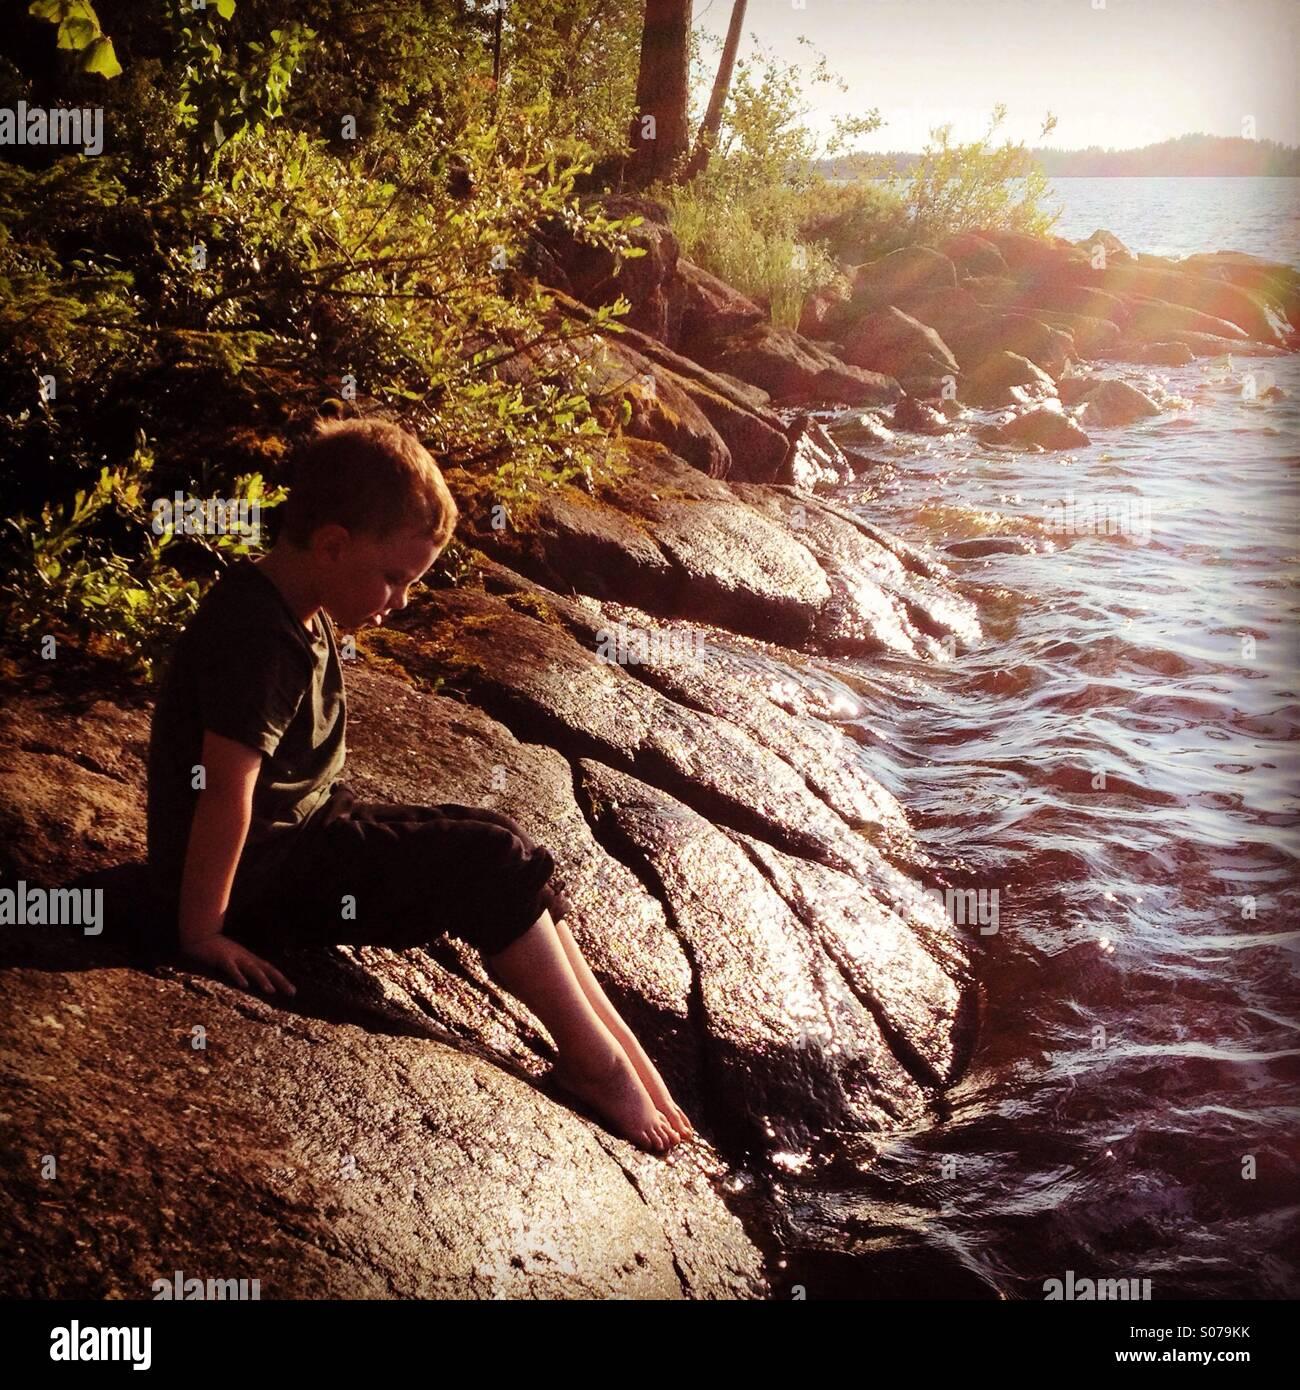 Ein kleiner Junge seine Zehen in das Wasser an einem skandinavischen nordischen Sommerhaus-See Stockbild